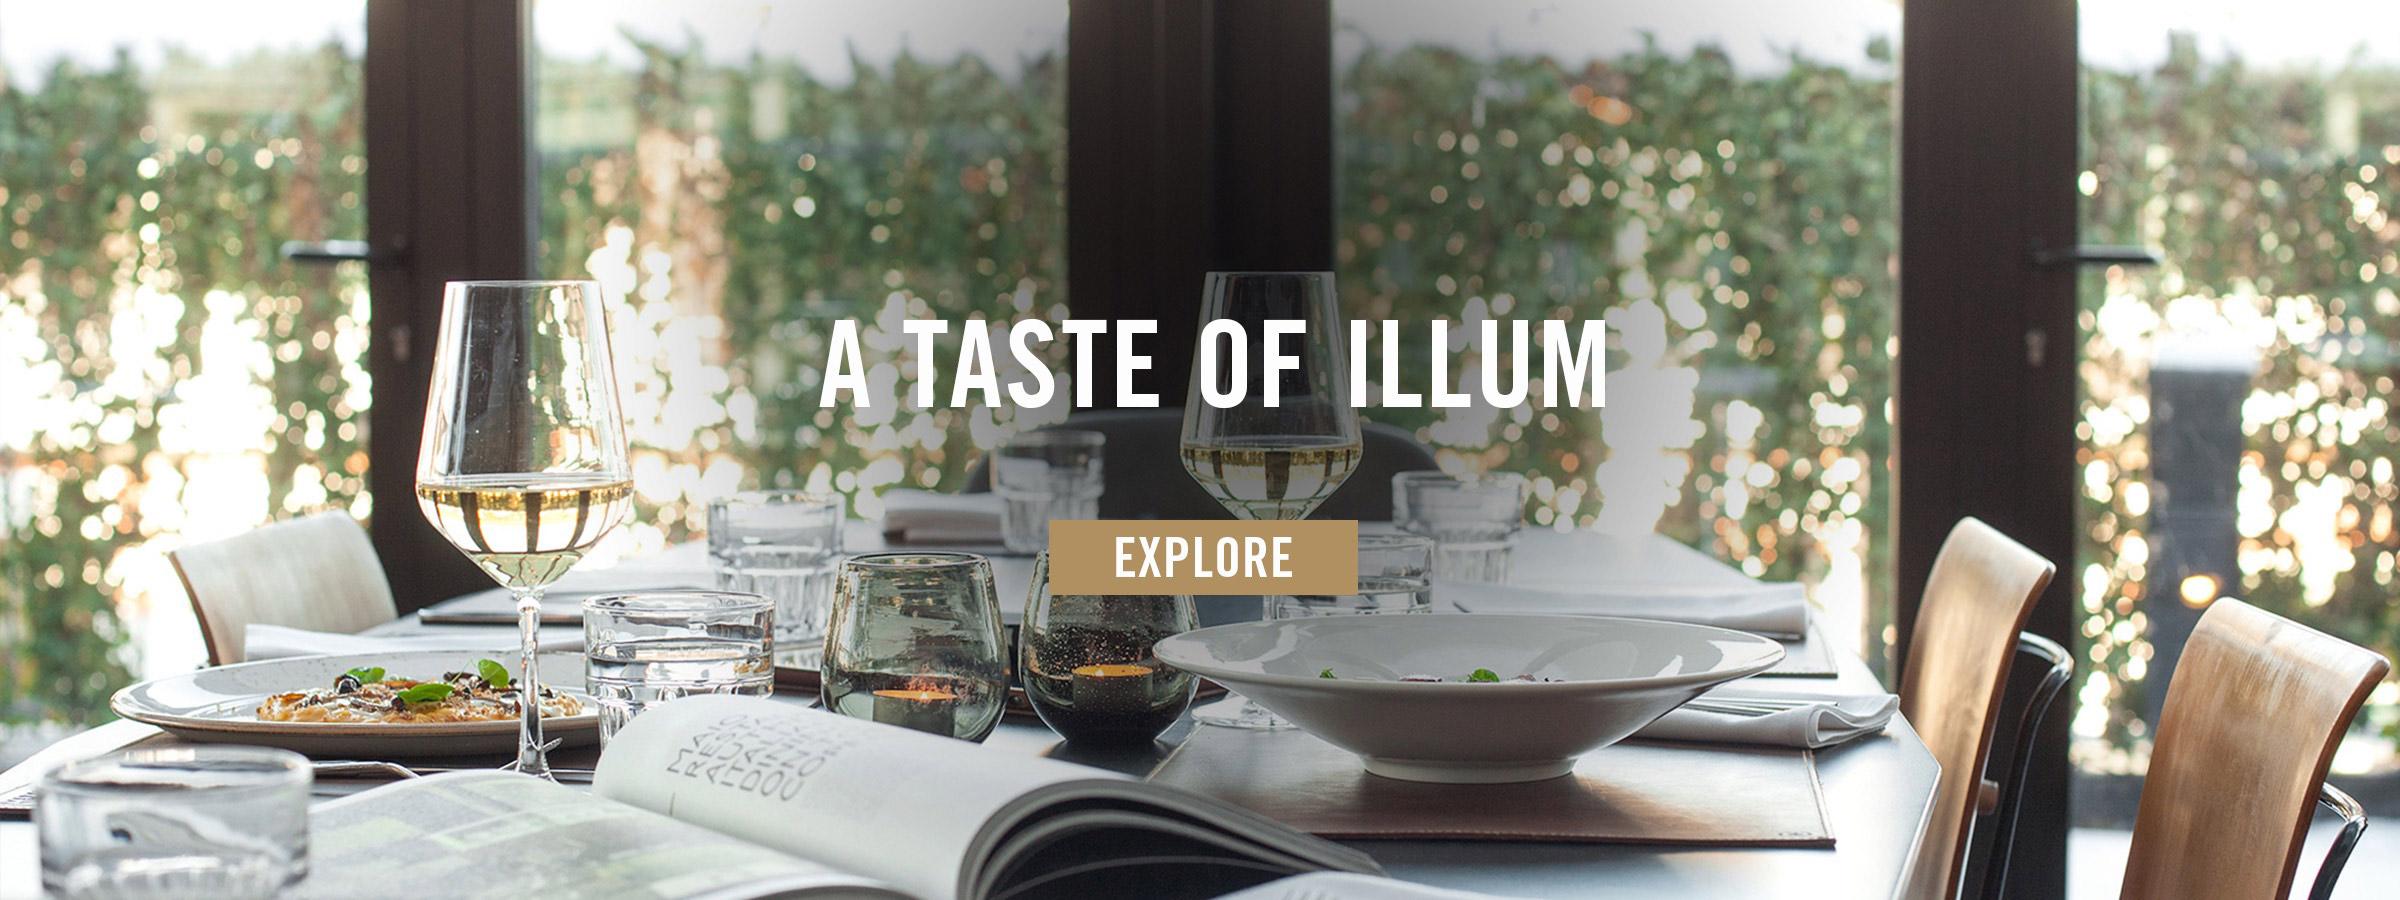 A TASTE OF ILLUM